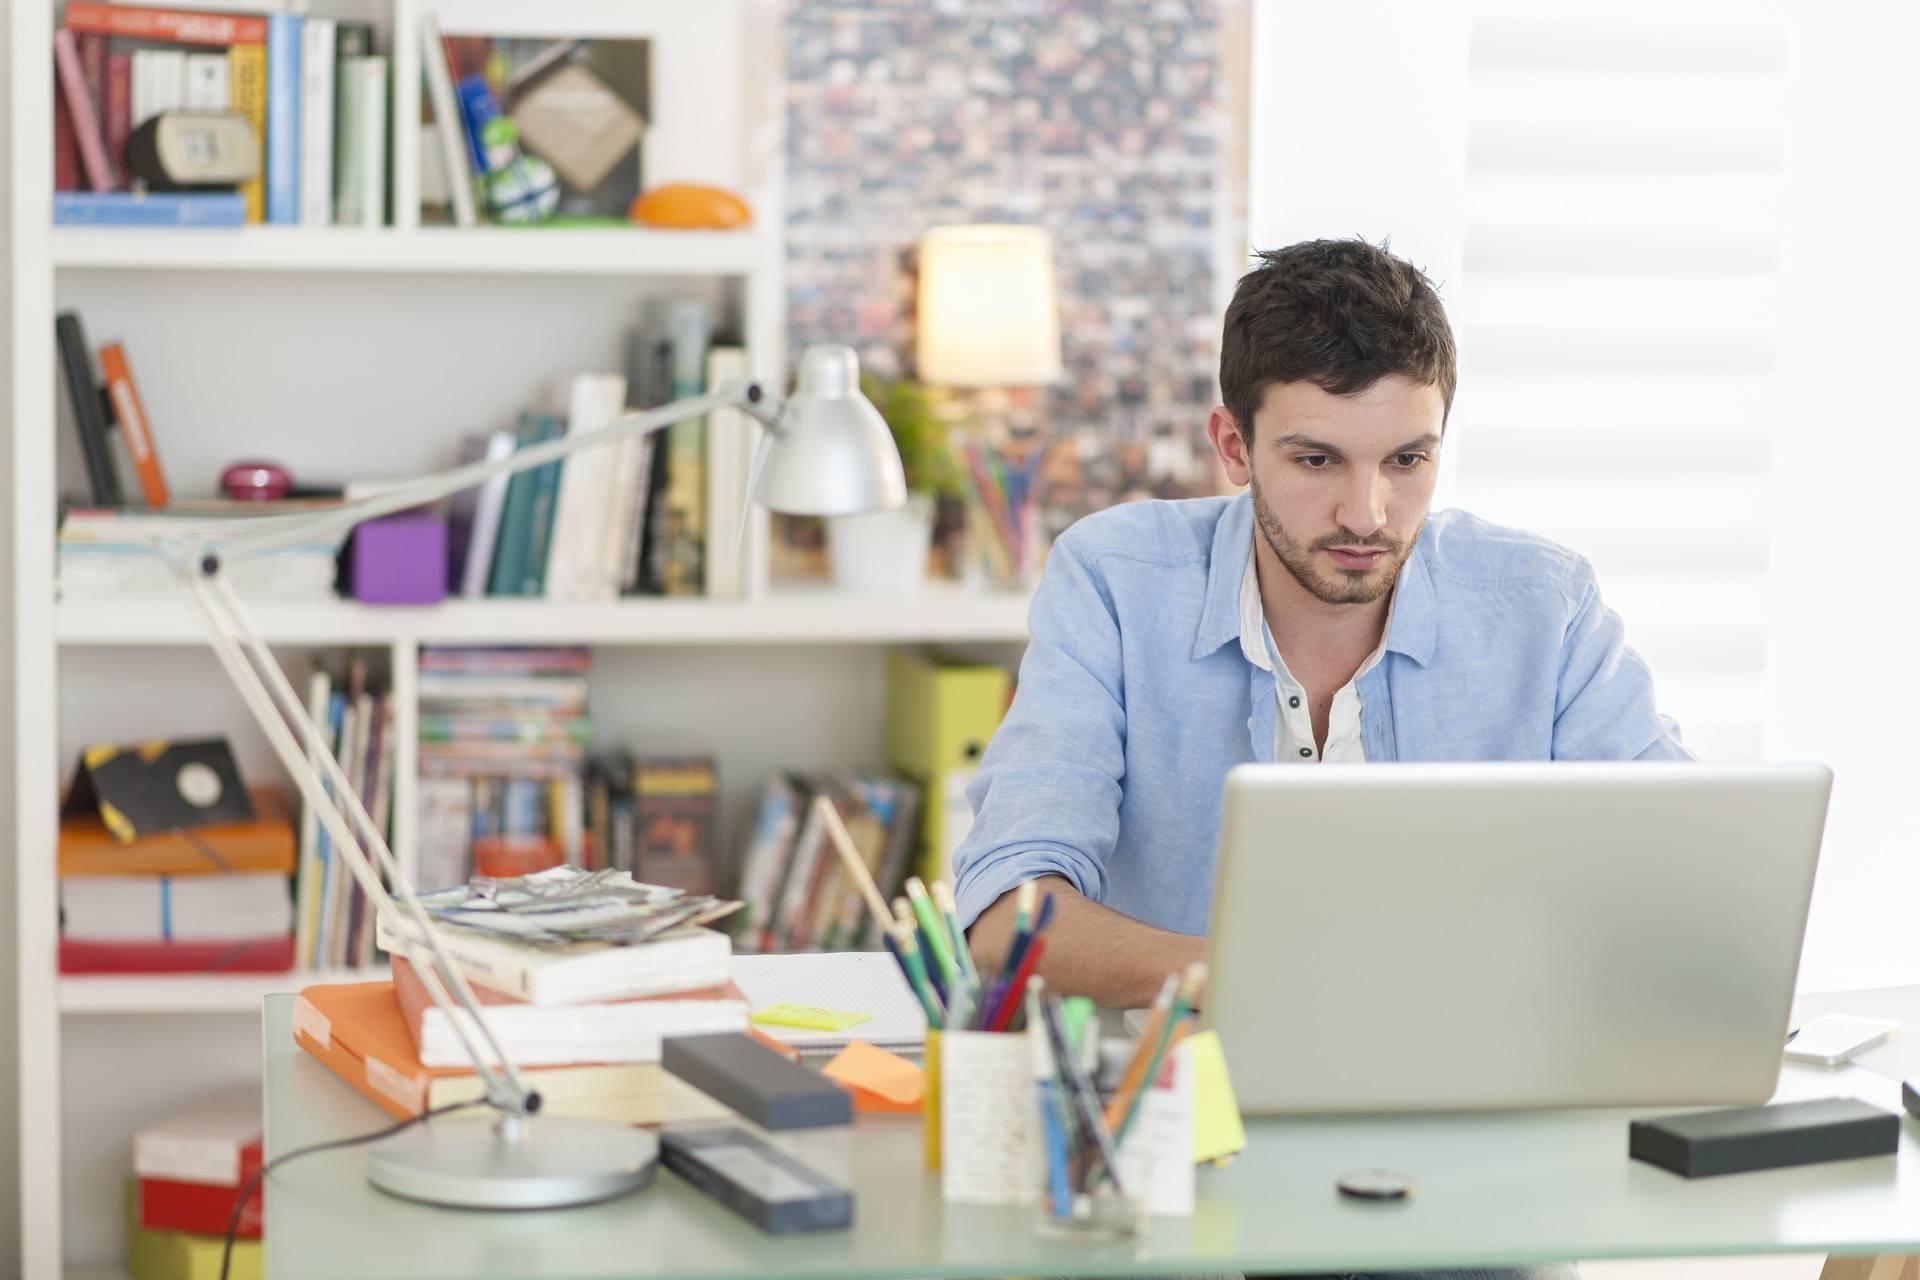 Как открыть учебный центр с нуля. Обзор бизнес идеи.